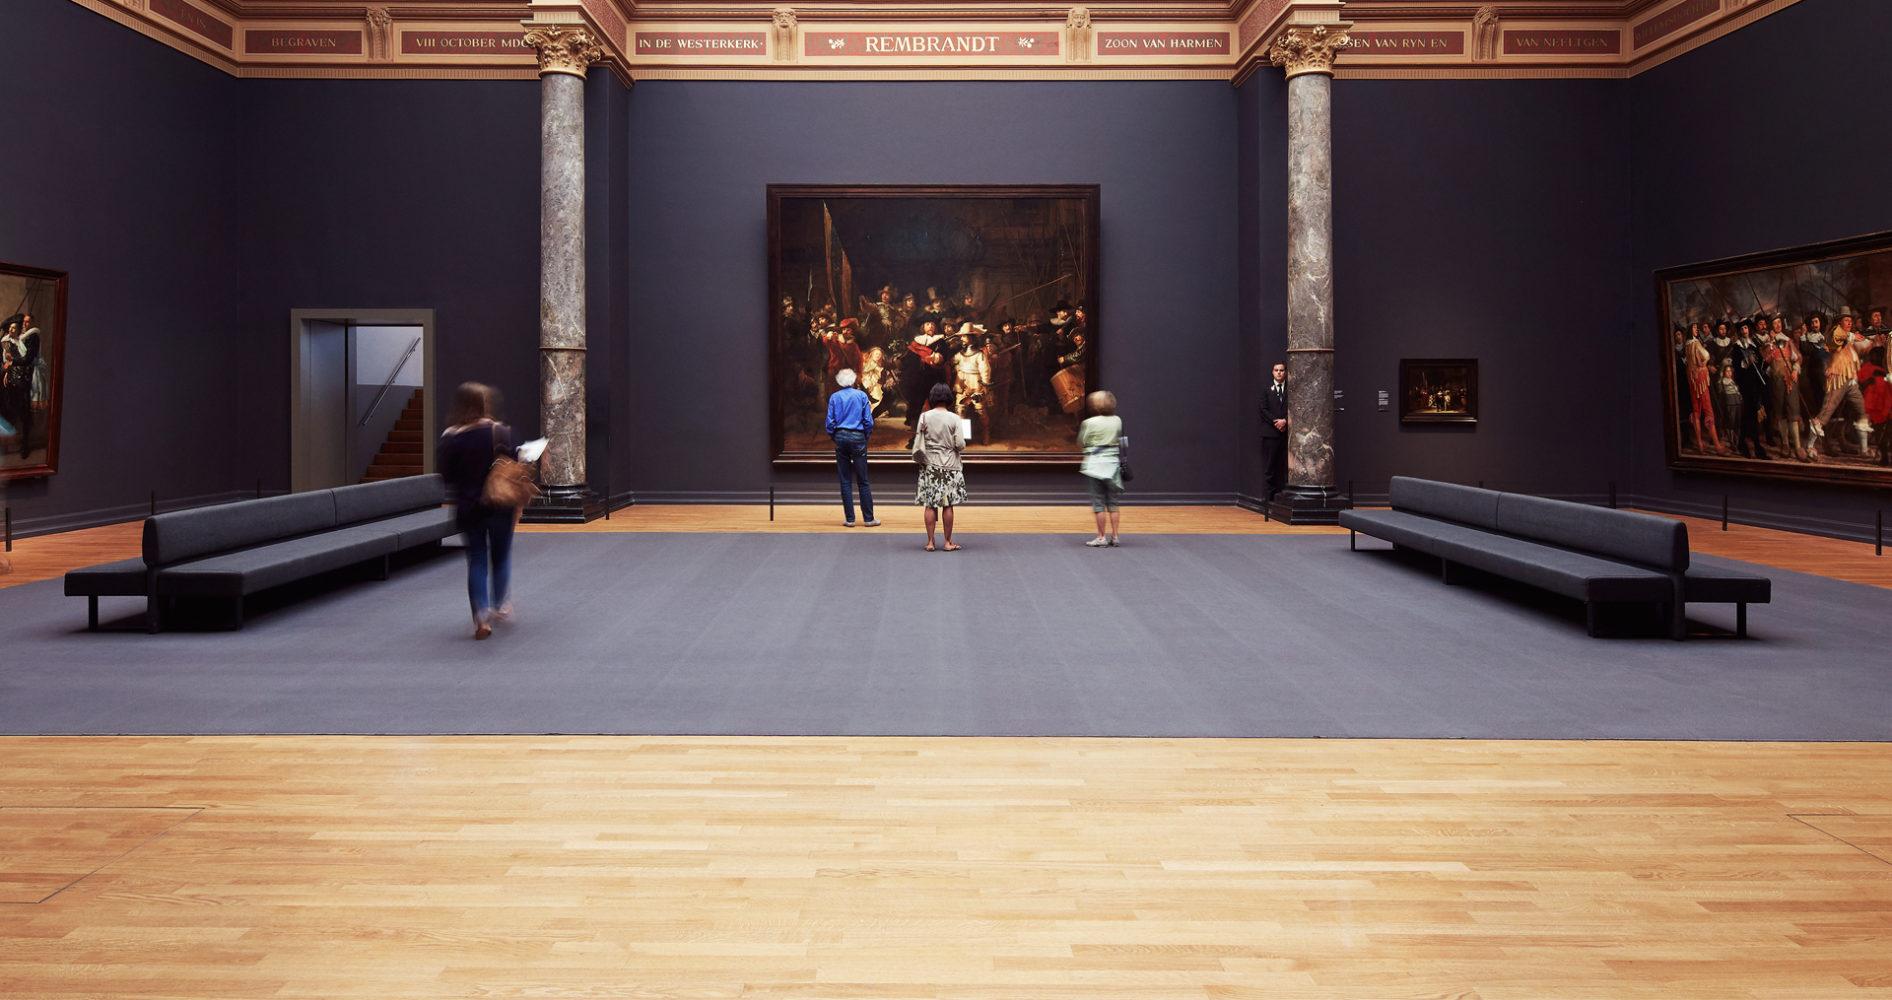 Nachtwacht - Rijksmuseum - Wybenga